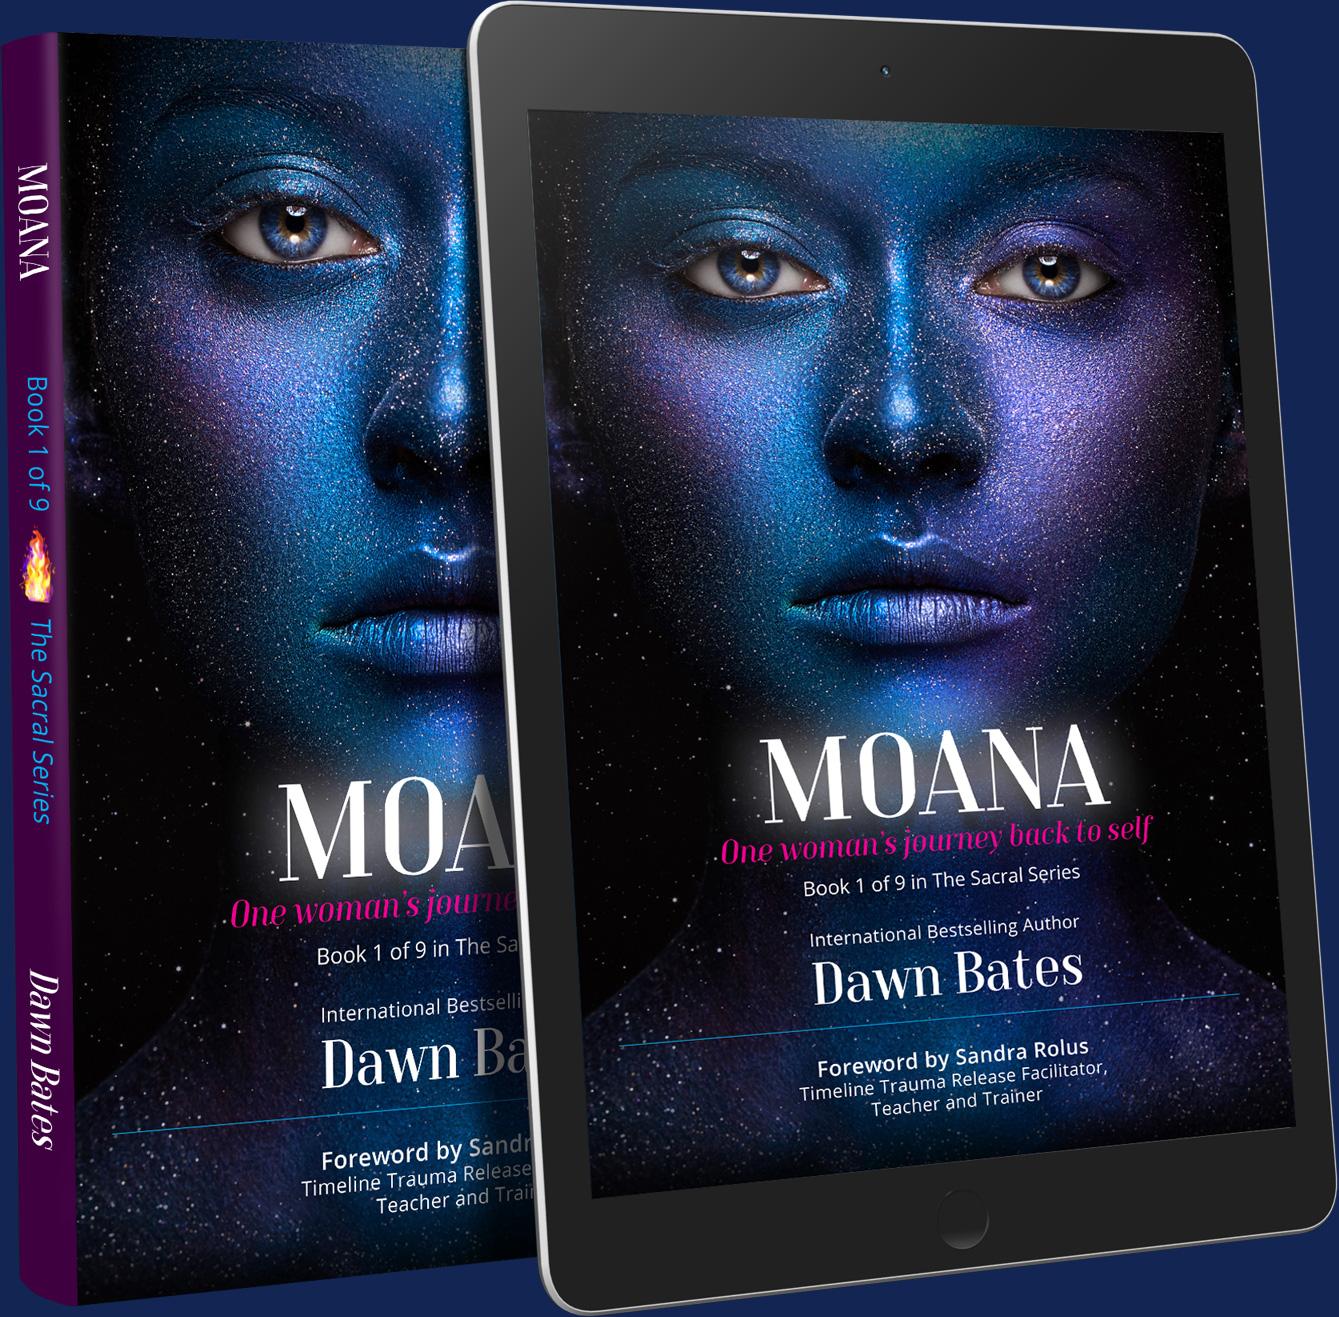 MOANA - Dawn Bates